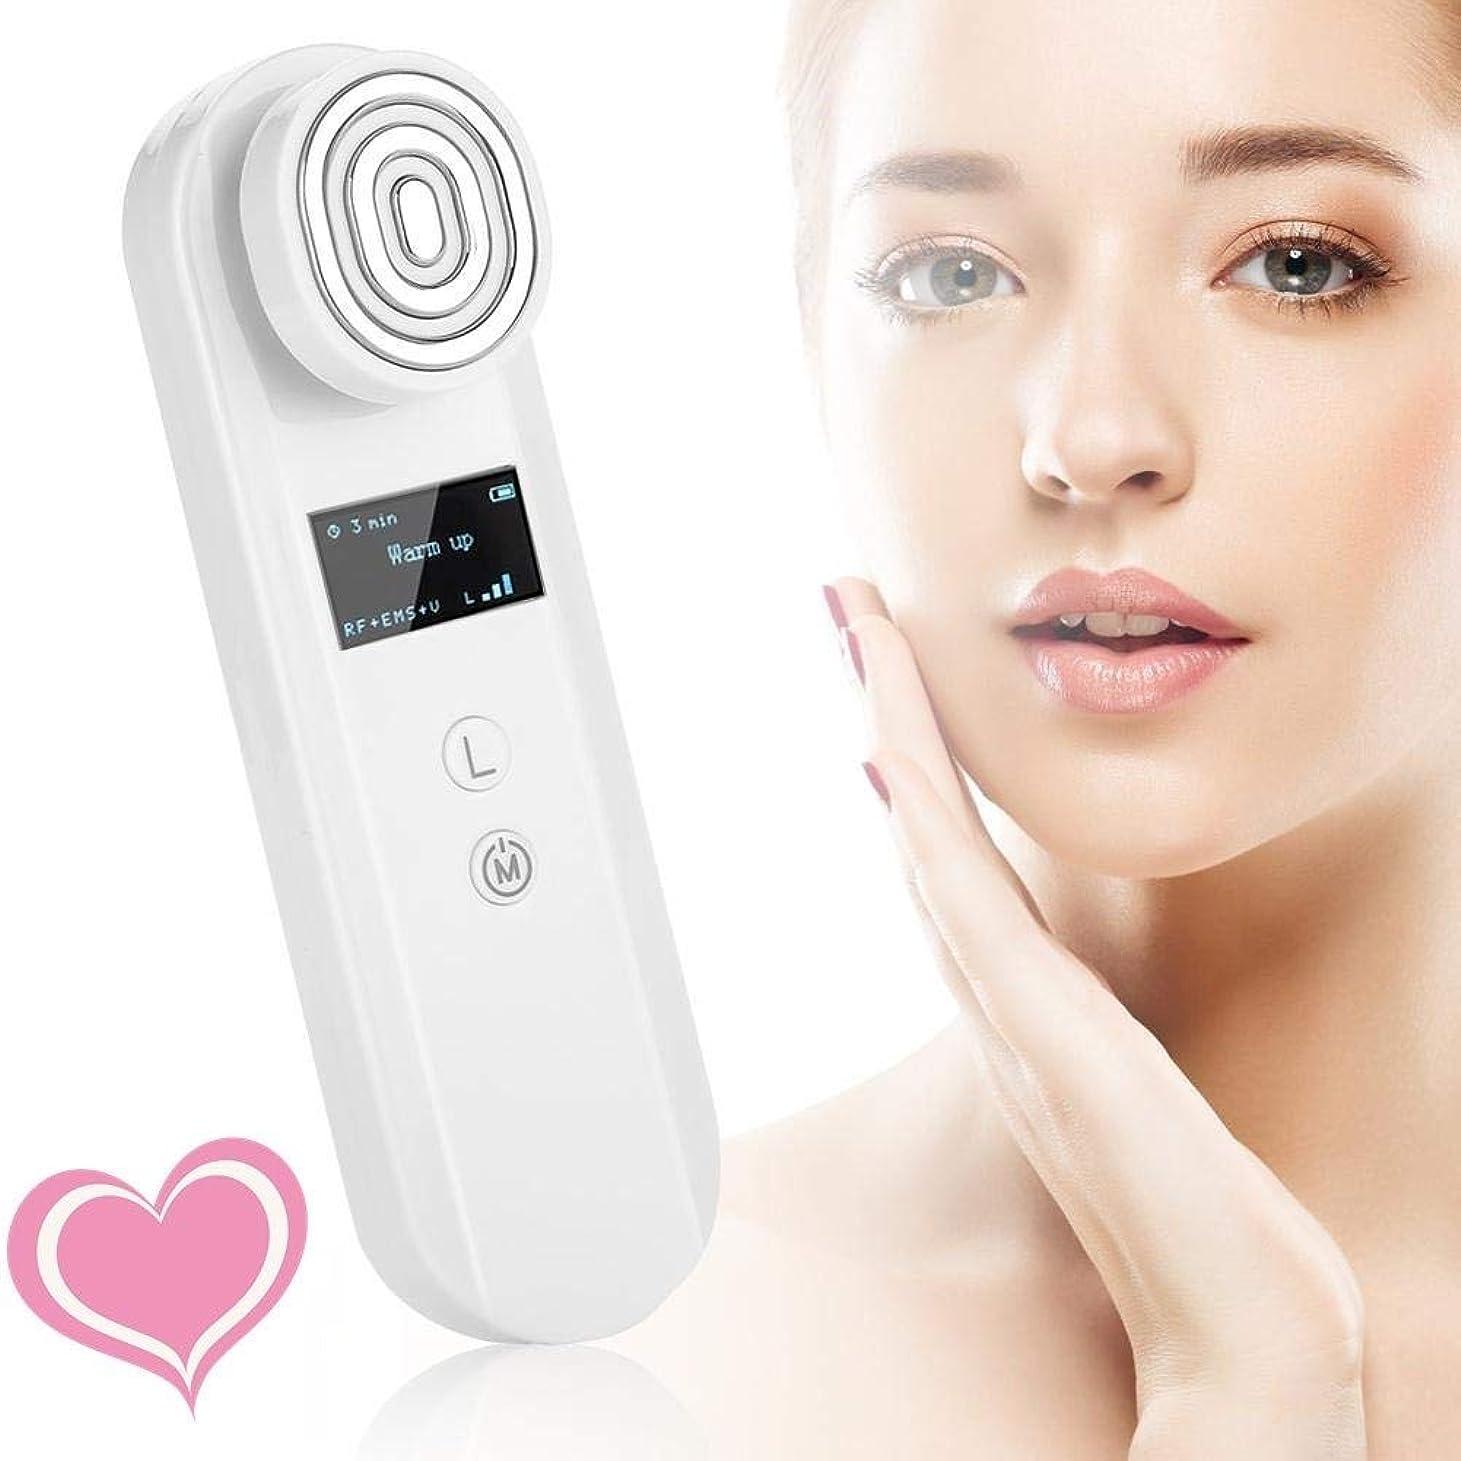 判読できない者アラビア語ソニックフェイシャルマッサージ装置のRF理学療法顔美容機器、美容機器しわ除去アンチエイジング、肌のマッサージツール、リフトと企業肌を引き締めEMSスキン、ホーム&ビューティーサロンポータブル